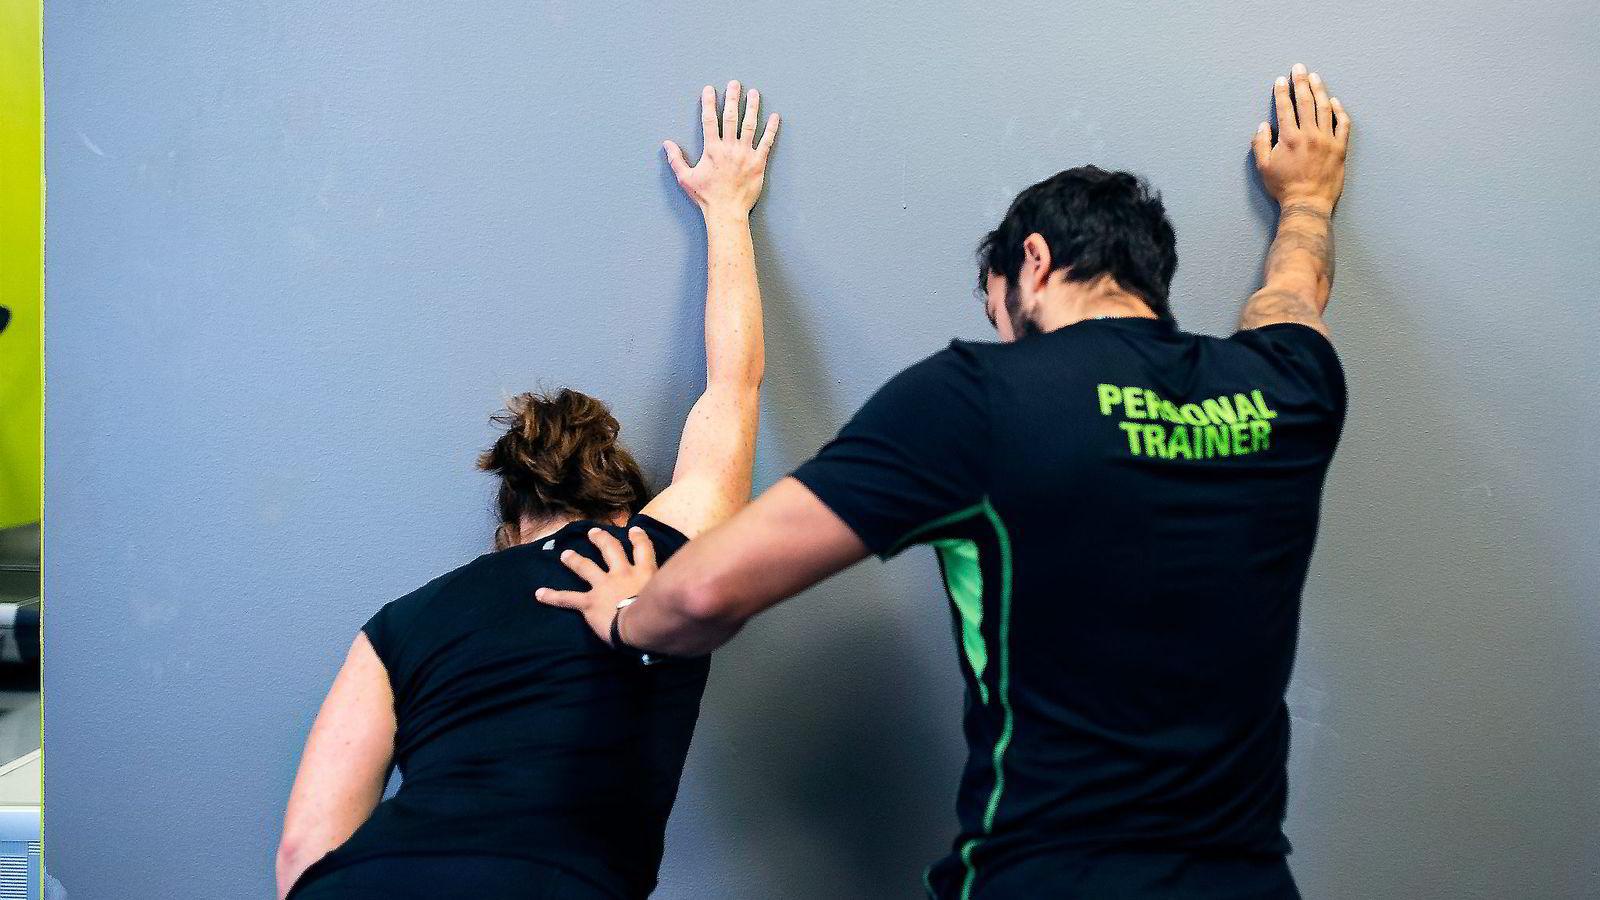 Virke Trening krever høyere kompetanse blant personlige trener på treningssentre.